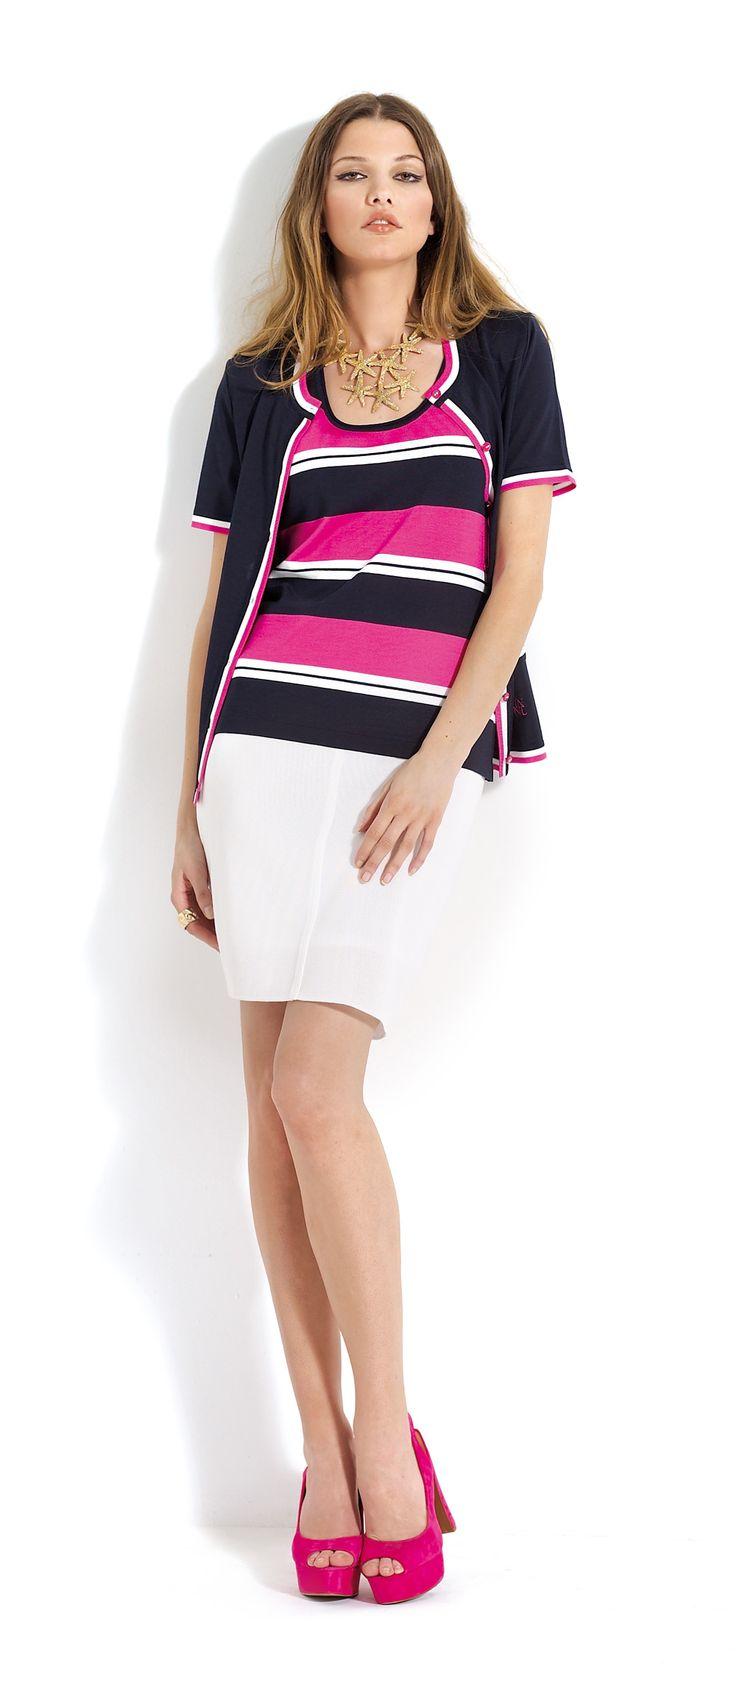 Falda blanca y blusa a rallas negras, blancas y rosas con rebeca de manga corta a juego. #skirt #black #white #pink #cardigan #midi